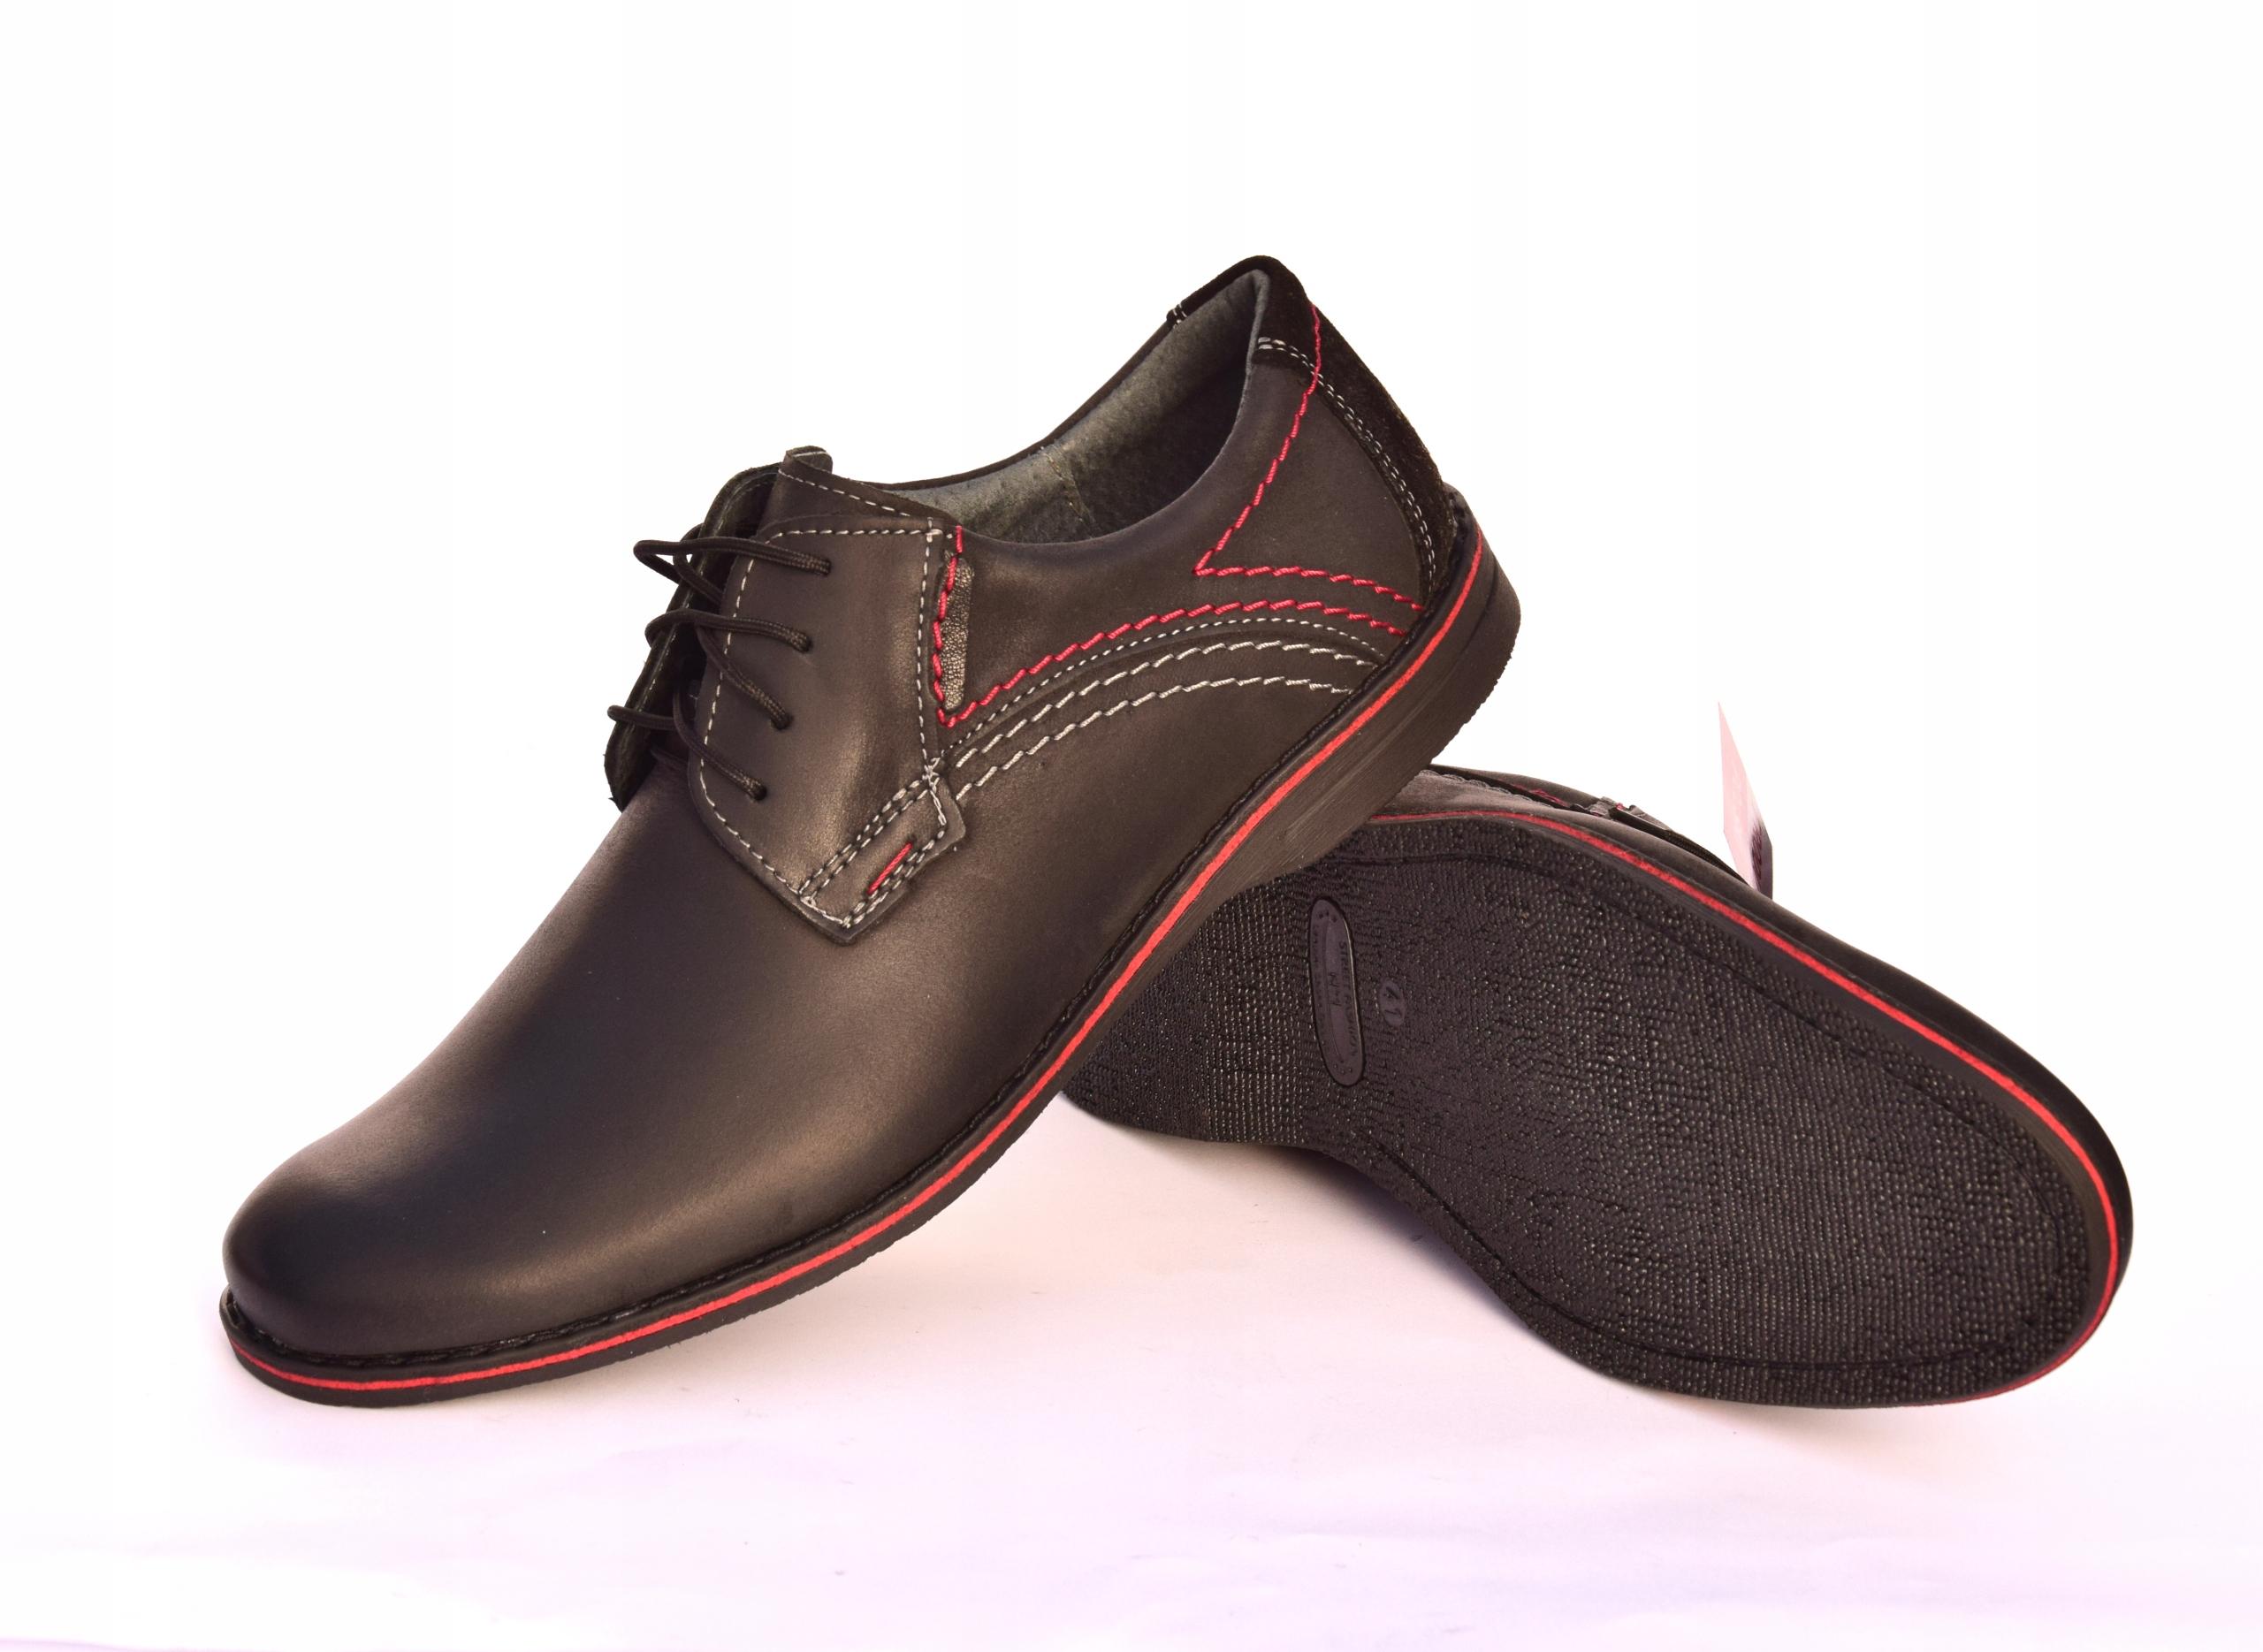 Buty męskie casual obuwie skórzane polskie 242 Oryginalne opakowanie producenta pudełko